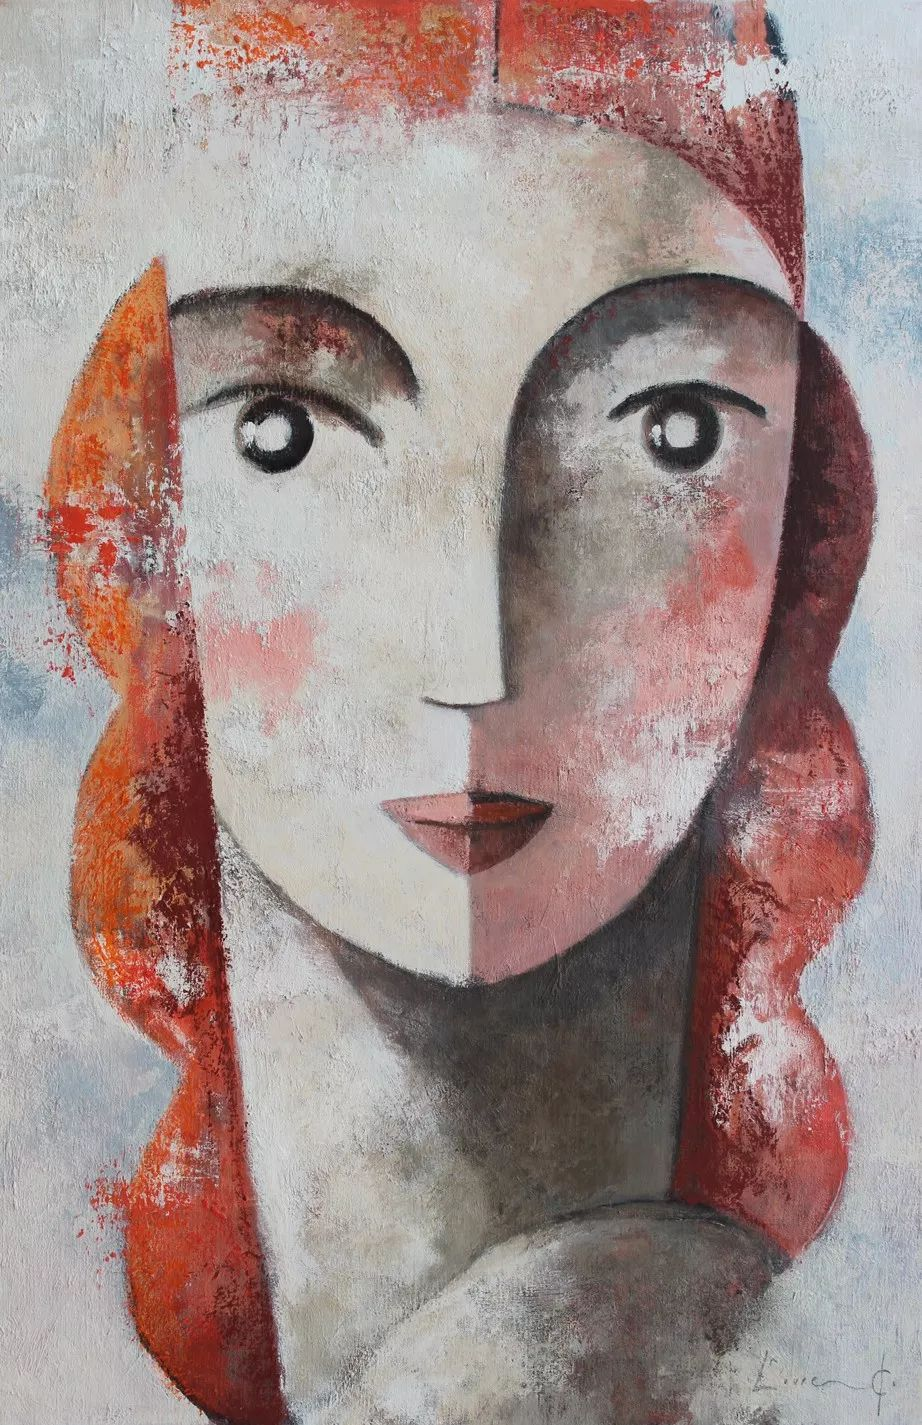 情感的表达,西班牙画家Didier Lourenço插图56